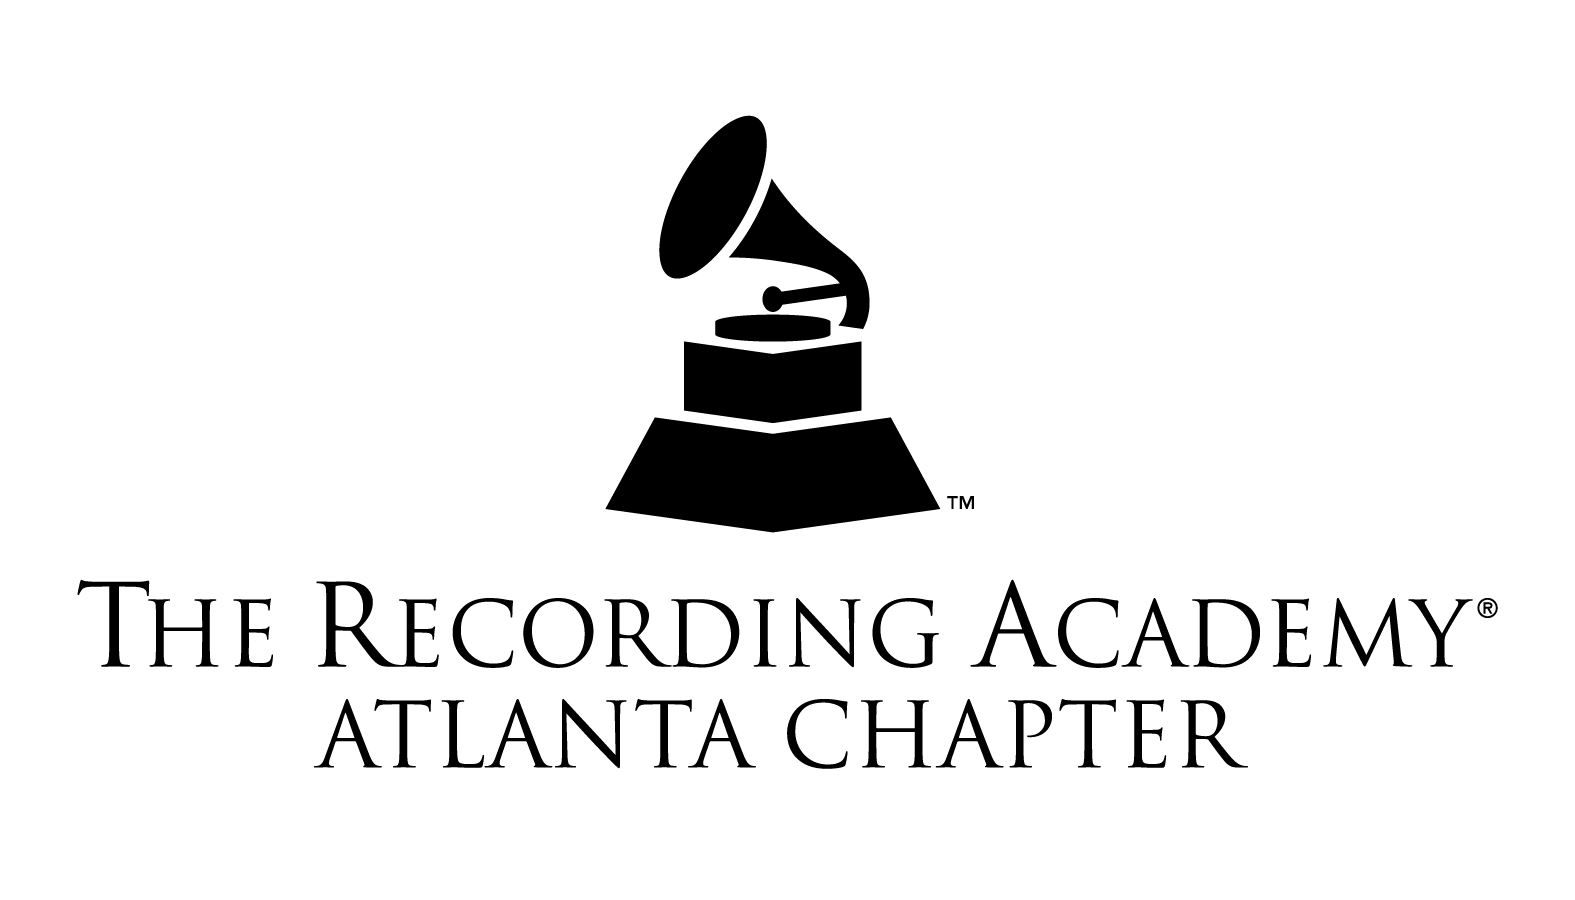 Atlanta Chapter logo